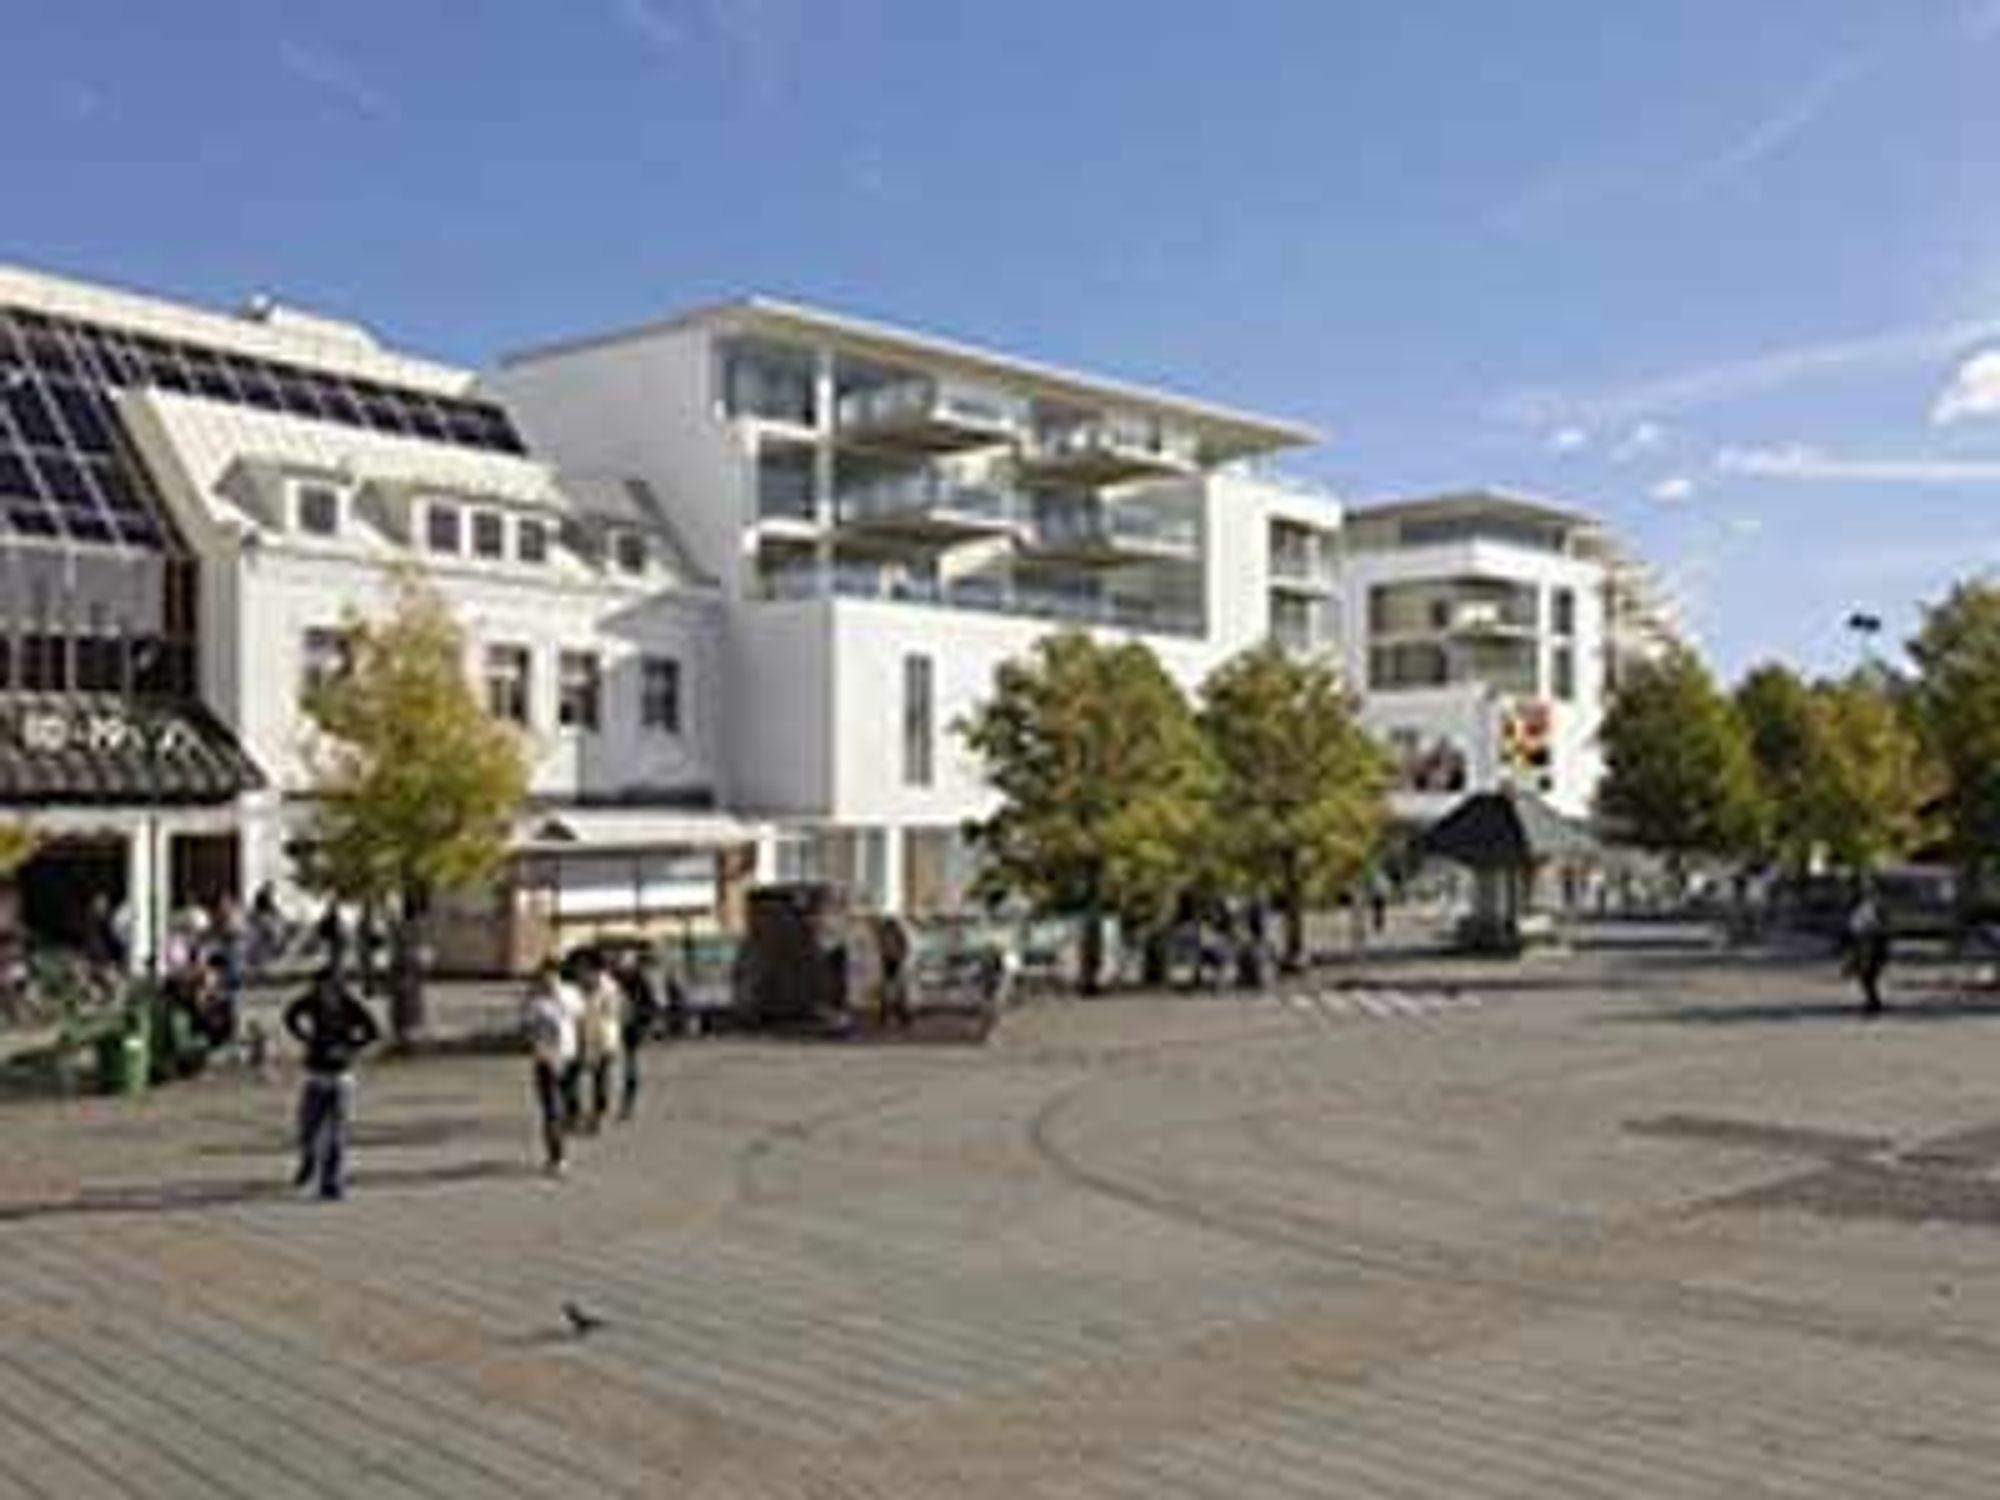 UTVIDES OG MODERNISERES: Hvaltorvet kjøpesenter utvides med 10.000 kvadratmeter og får 65 nye leiligheter. Veidekke har fått kontrakten.